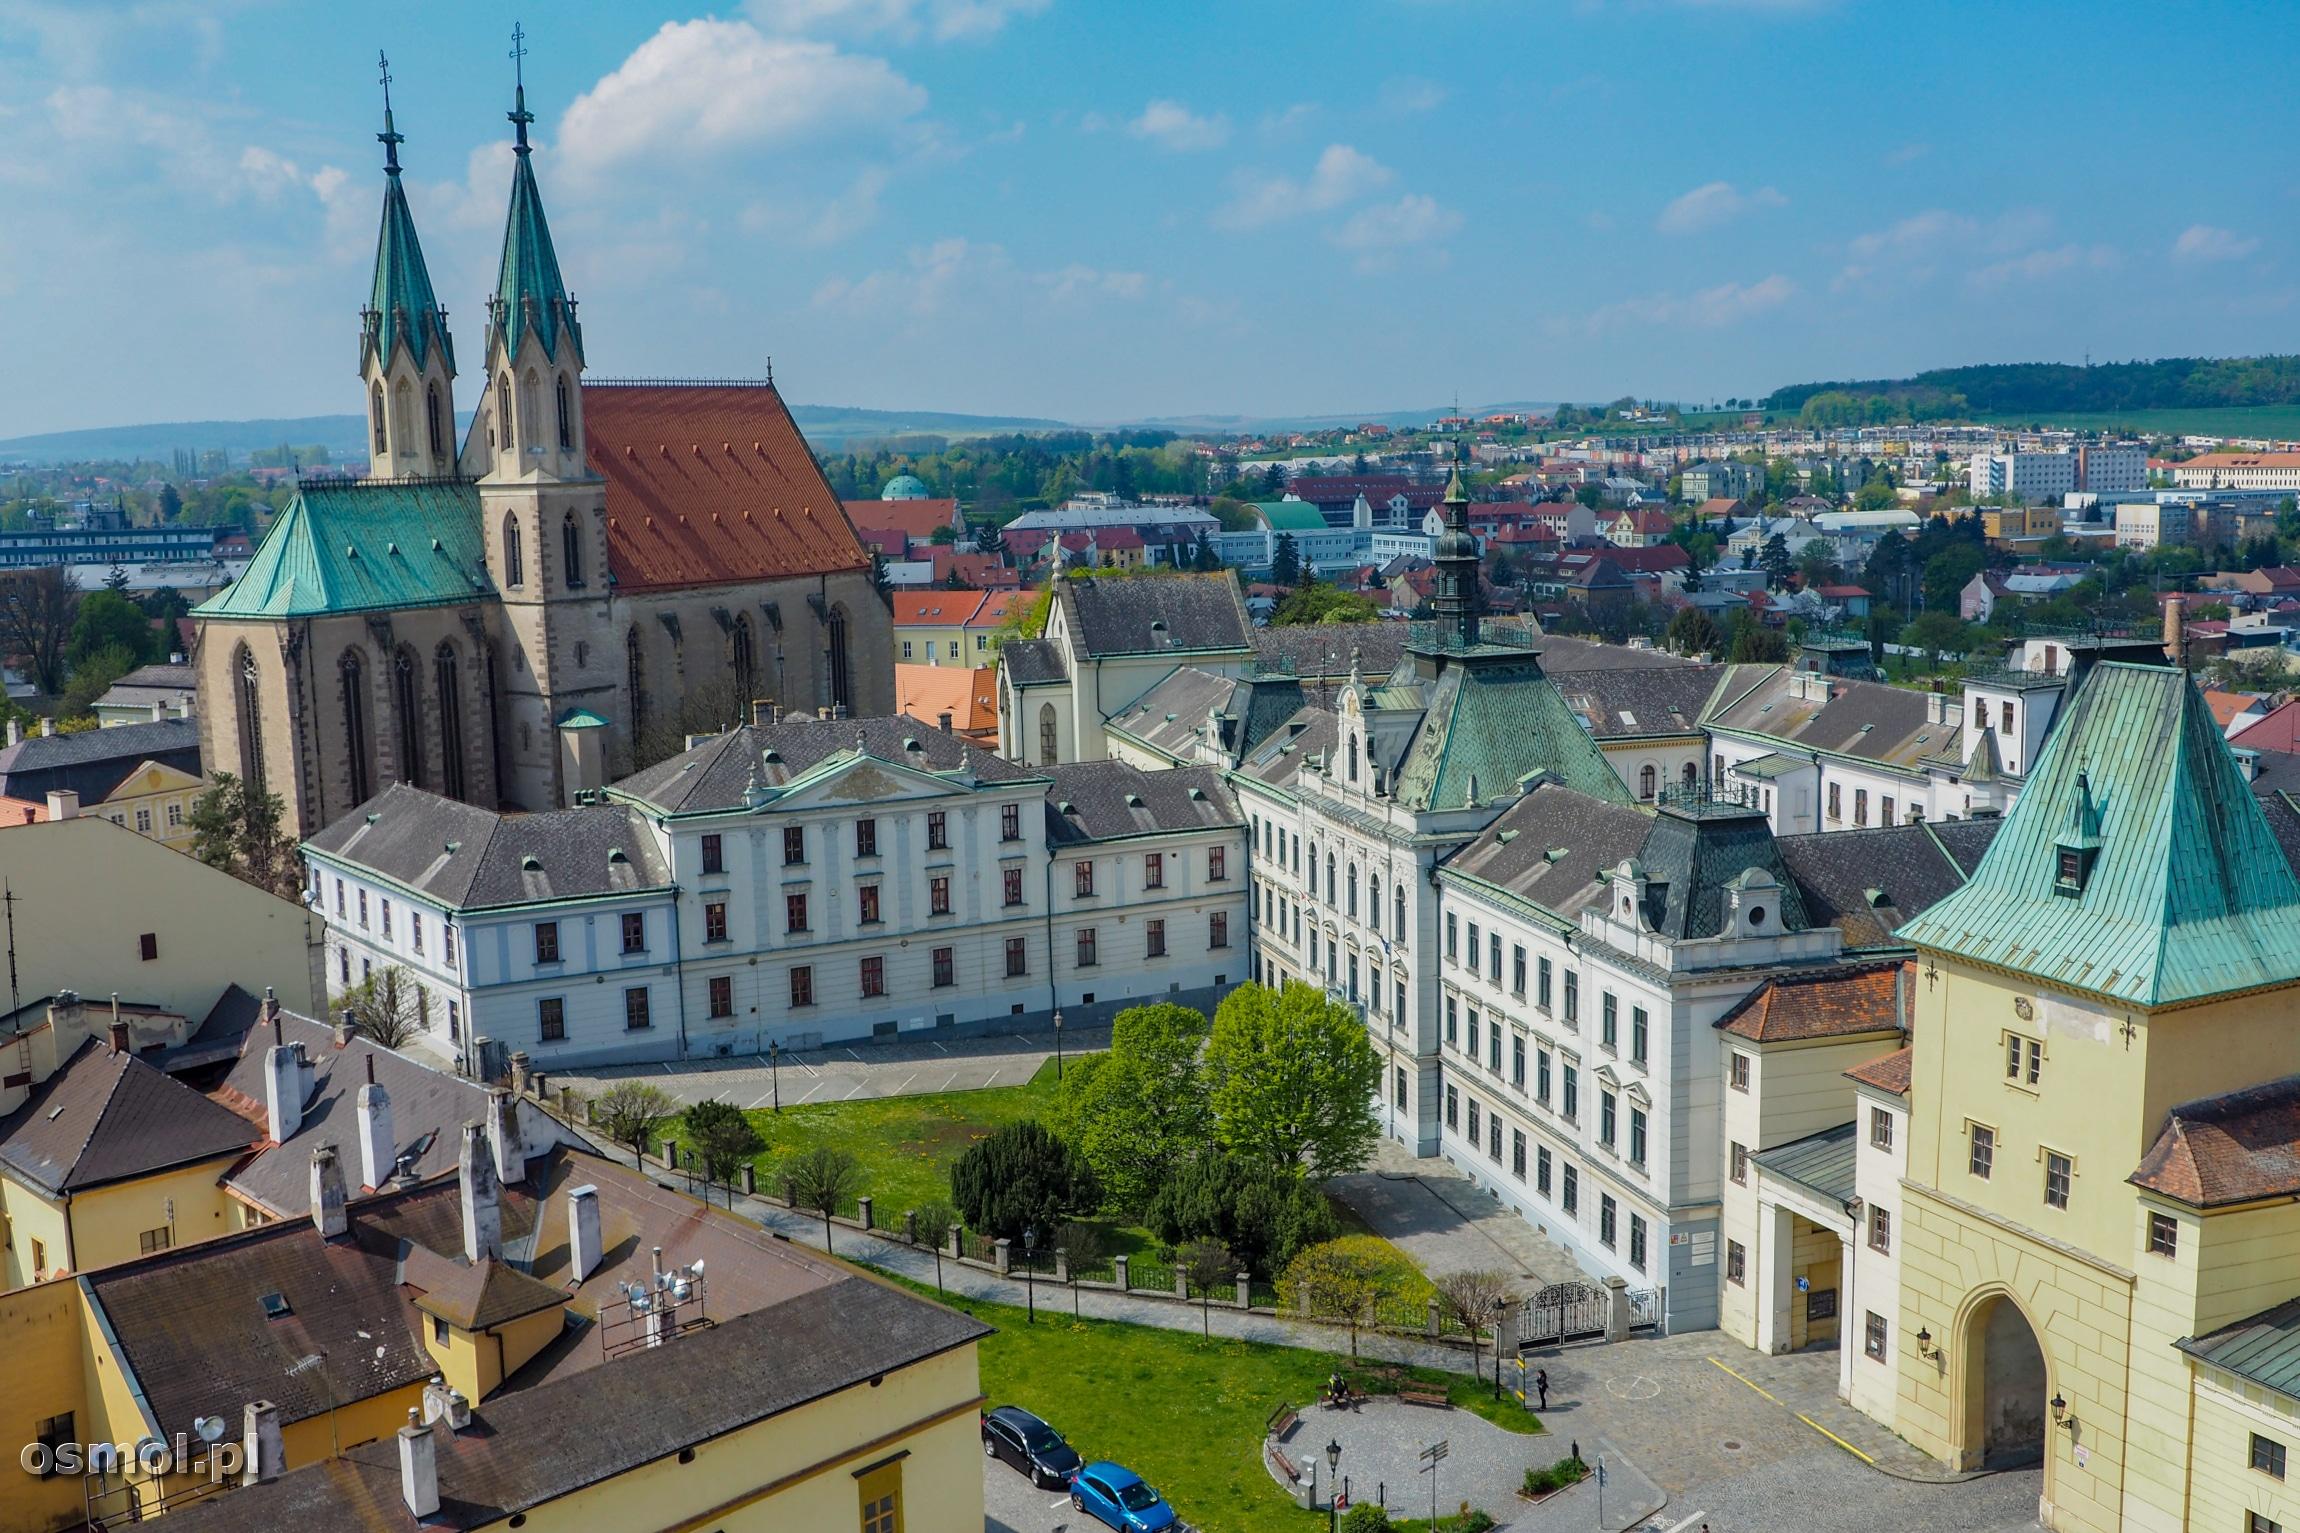 Widok na Kromieryż z wieży pałacowej